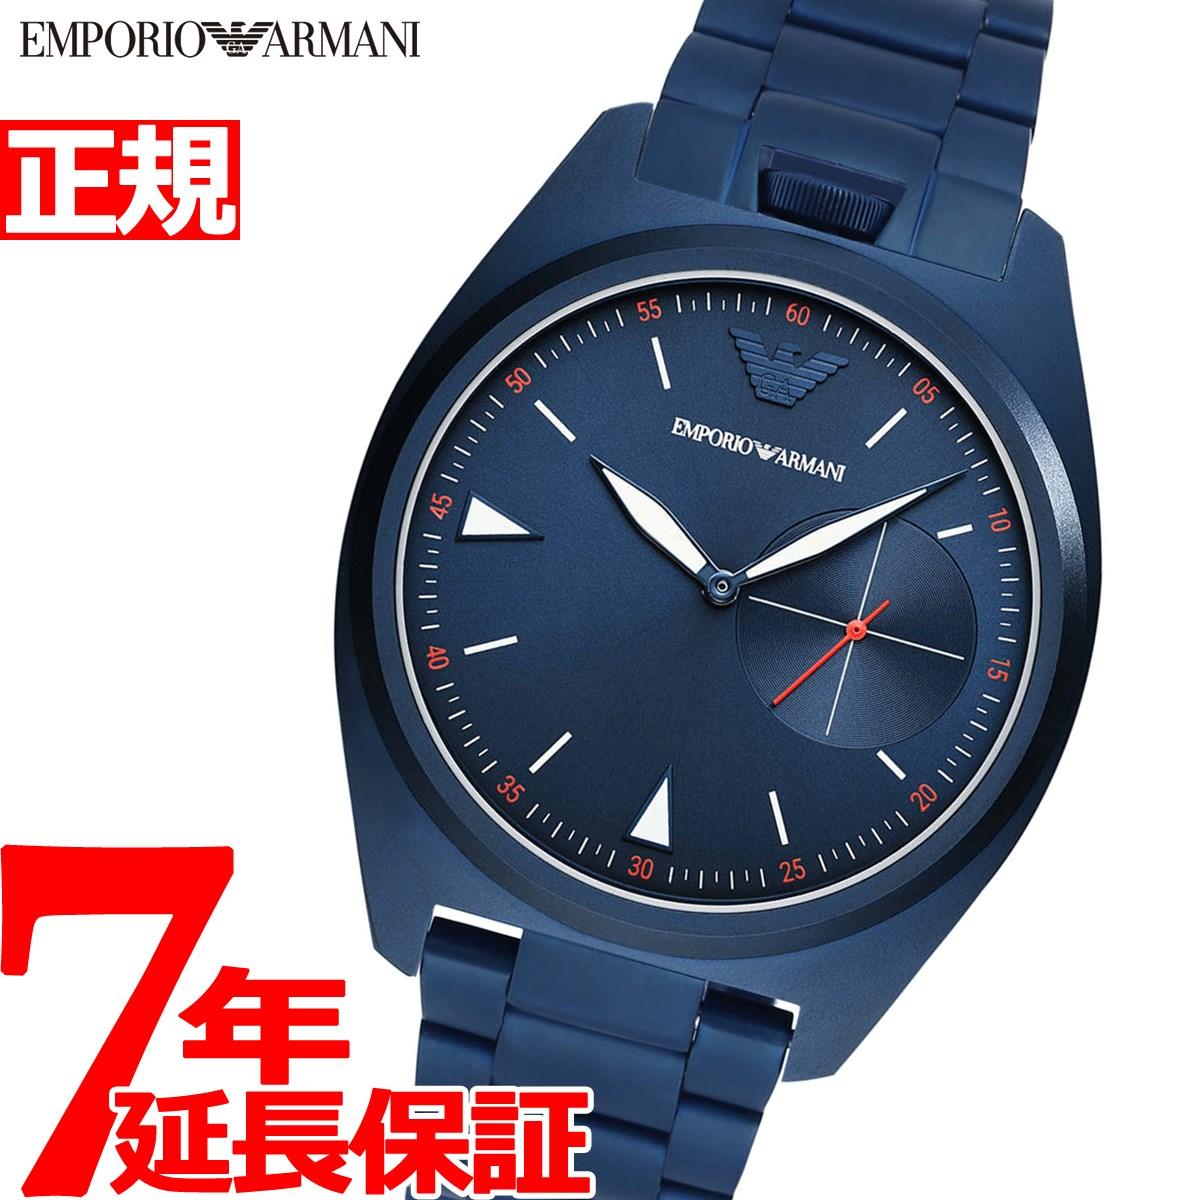 【5日0時~♪10%OFFクーポン&店内ポイント最大51倍!5日23時59分まで】エンポリオアルマーニ EMPORIO ARMANI 腕時計 メンズ AR11309【2020 新作】